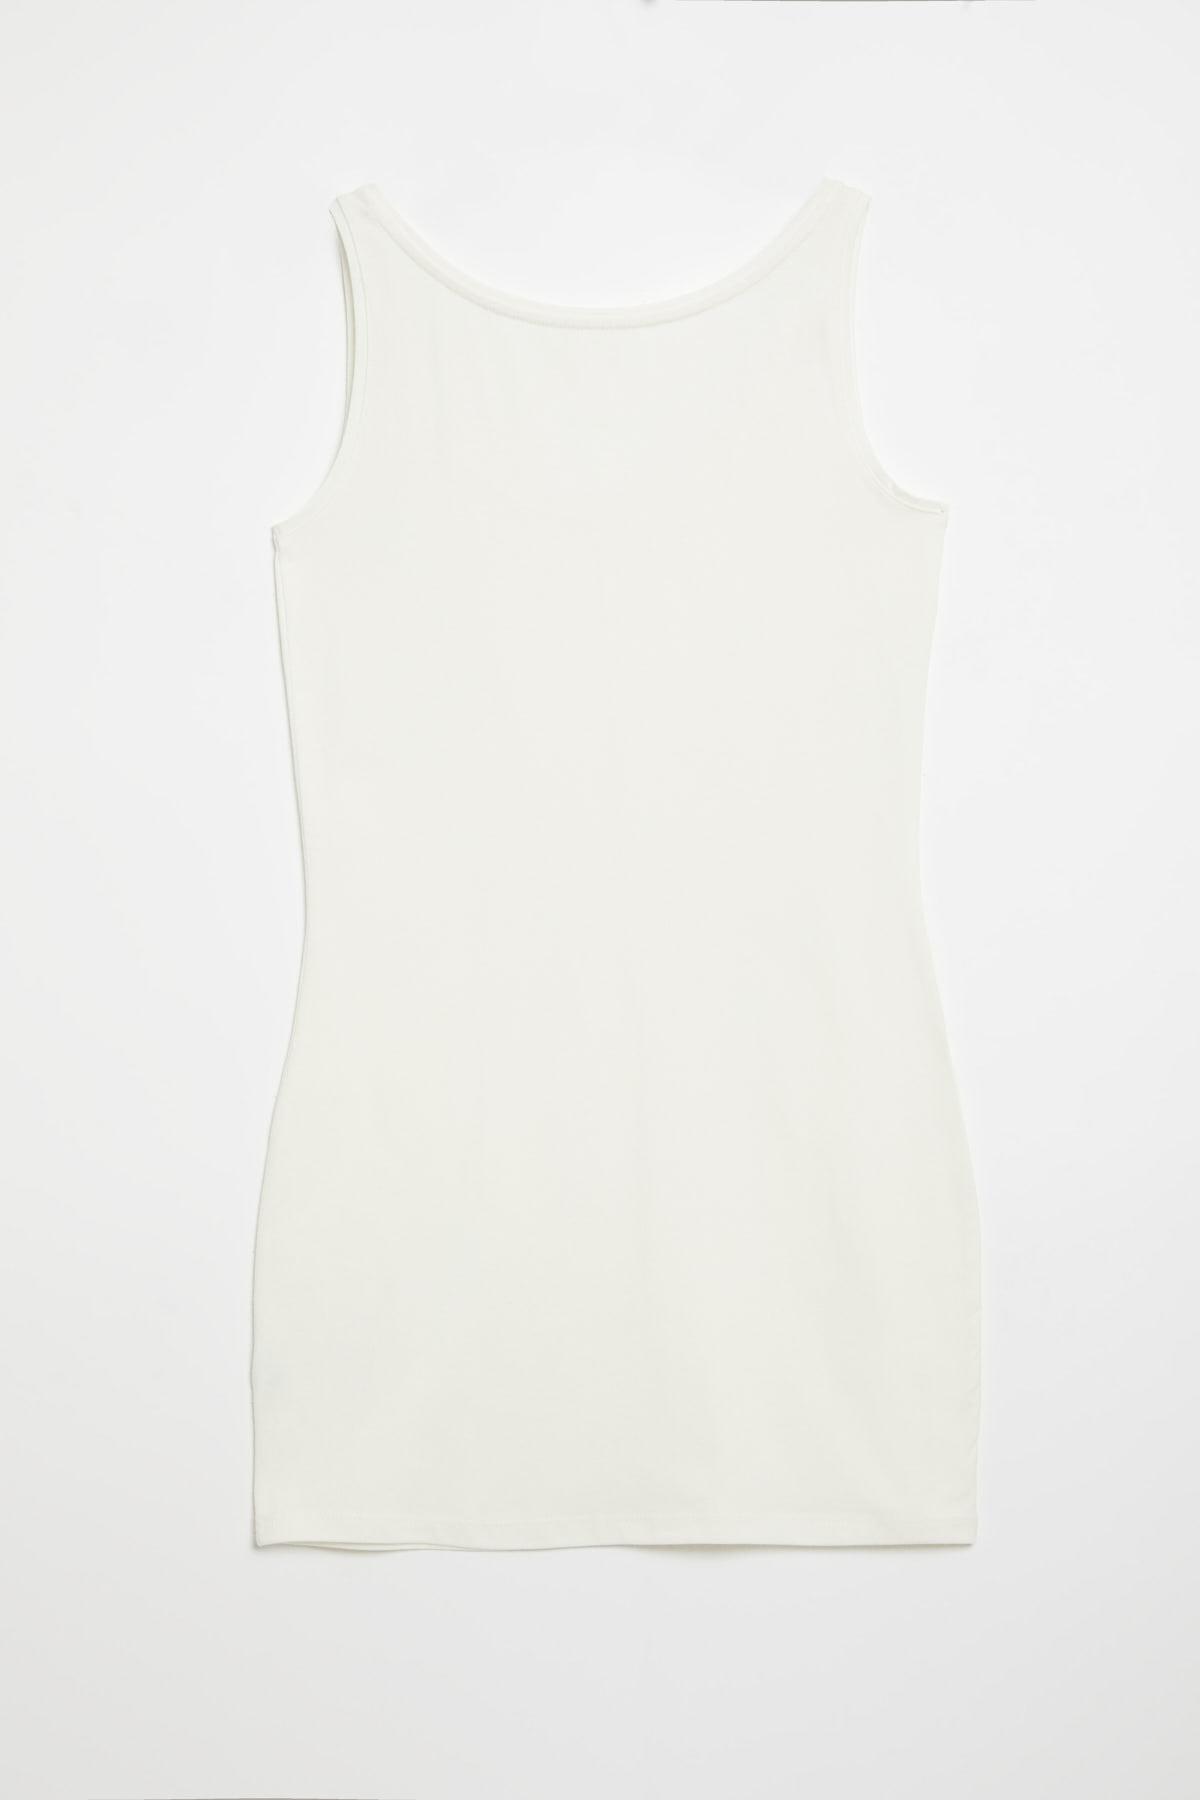 GRIMELANGE BELLA Kadın Beyaz Dar Kesim Uzun Kolsuz  T-Shirt 1